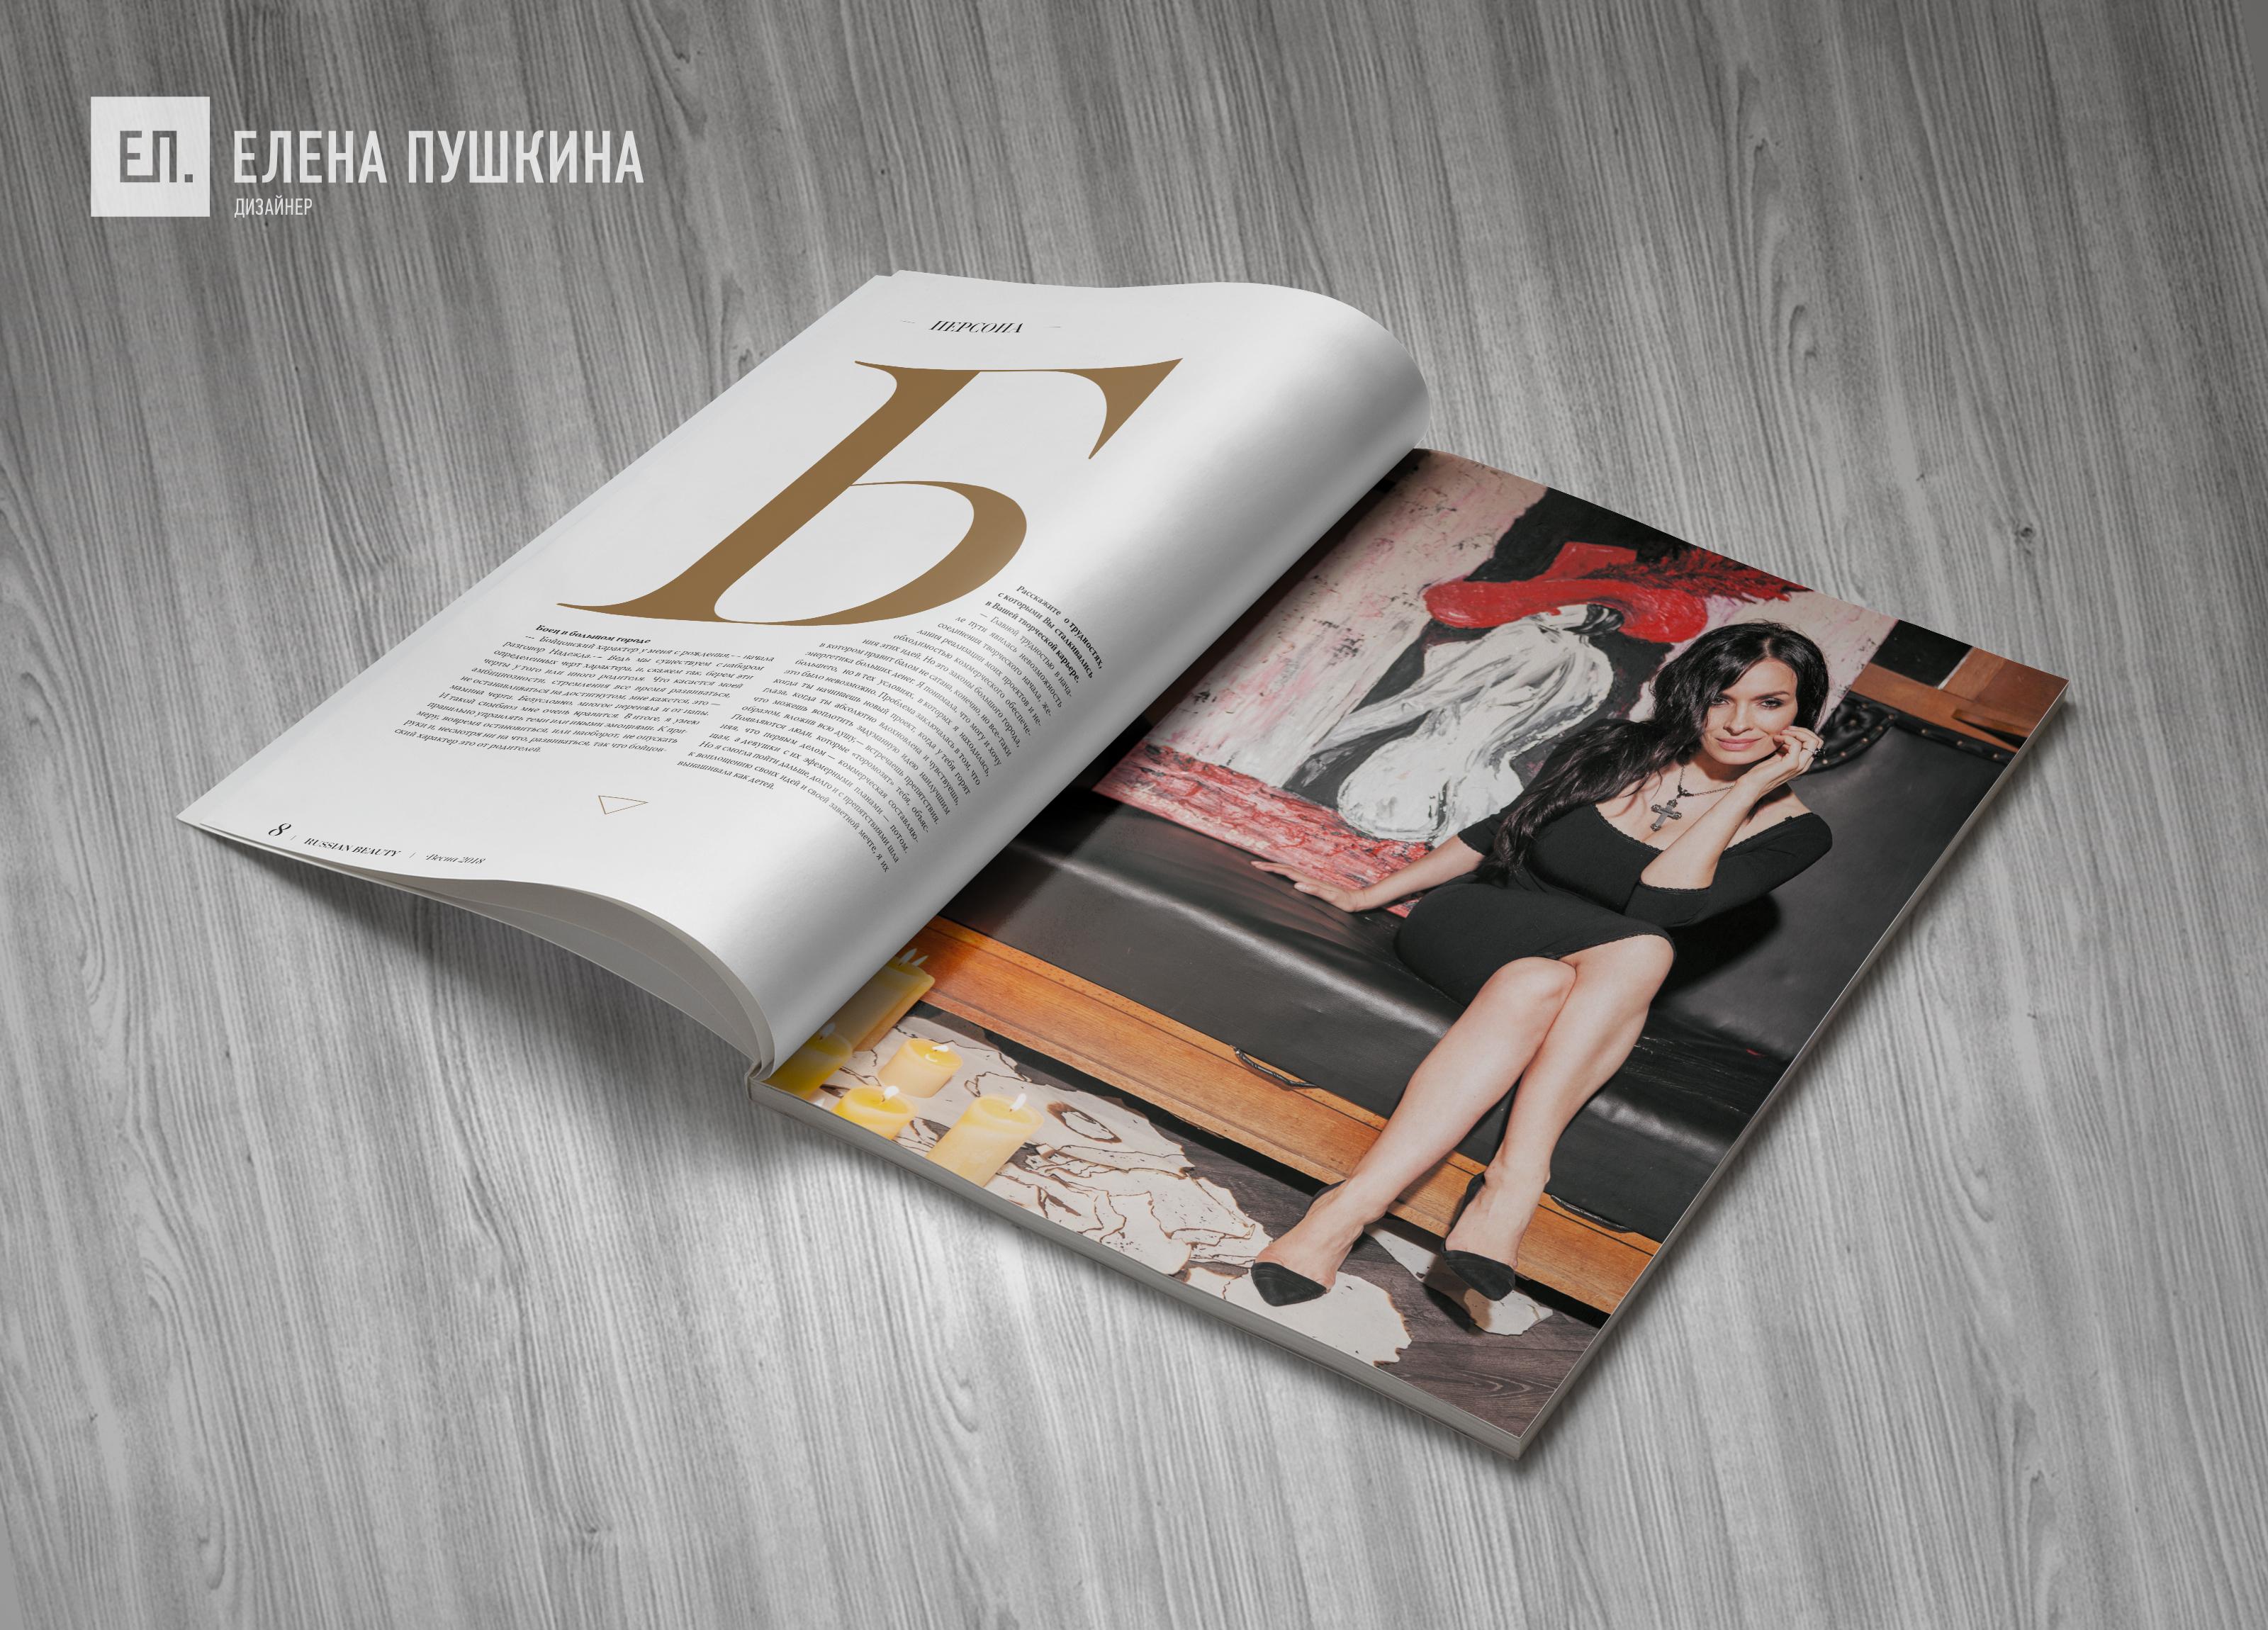 Глянцевый журнал «RUSSIAN BEAUTY» №2май 2018— разработка с«нуля» логотипа, обложки, макета ивёрстка журнала Разработка журналов Портфолио